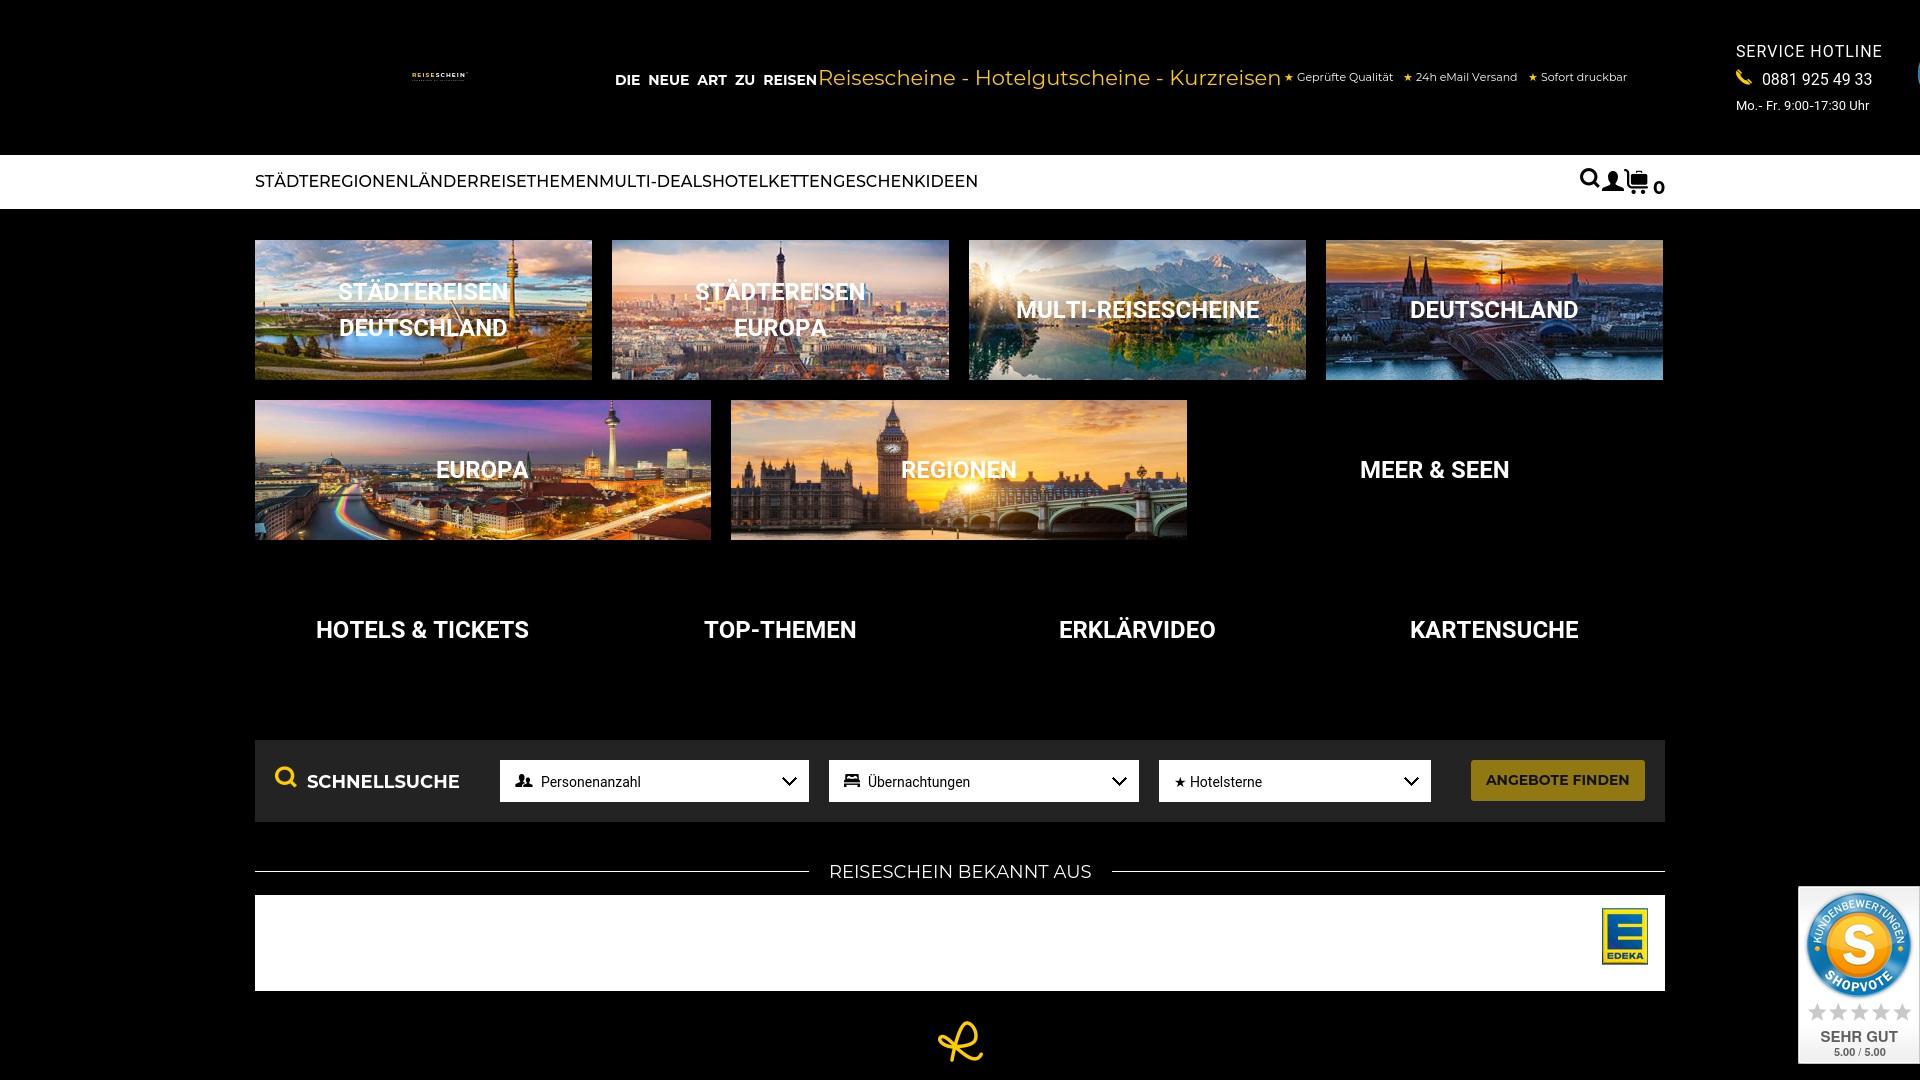 Gutschein für Reiseschein: Rabatte für  Reiseschein sichern